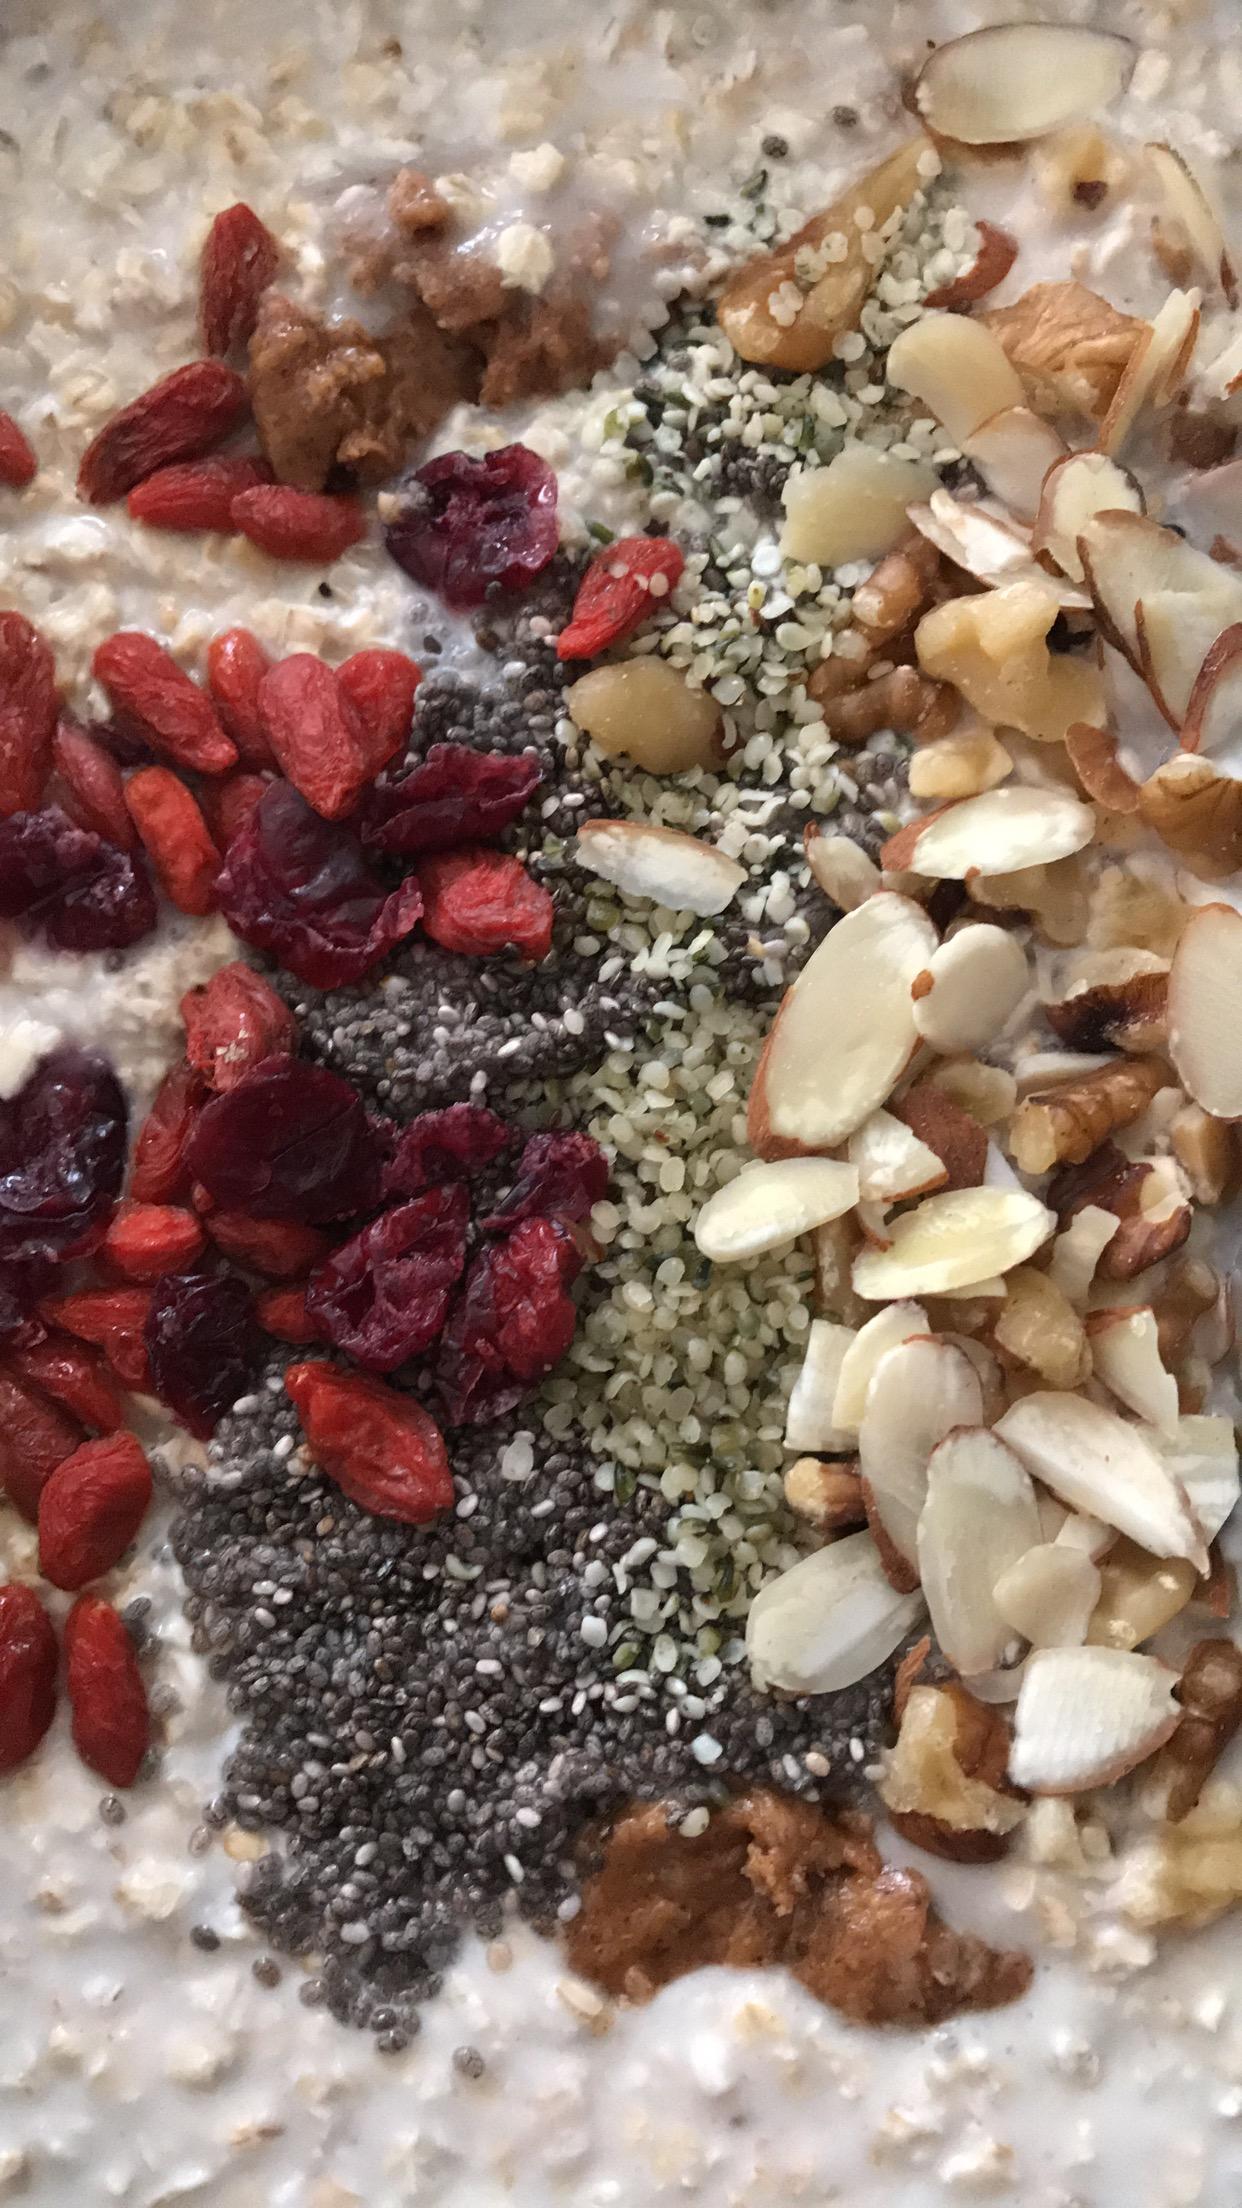 Chia seeds, hemp heart seeds, almond butter, goji berries, craisins, sliced almonds, chopped walnuts.